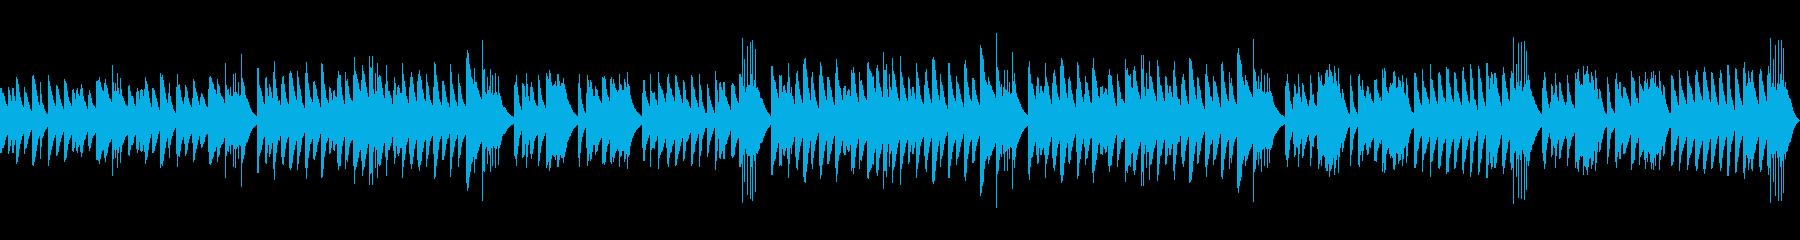 マリンバを使ったコミカルなループ楽曲の再生済みの波形